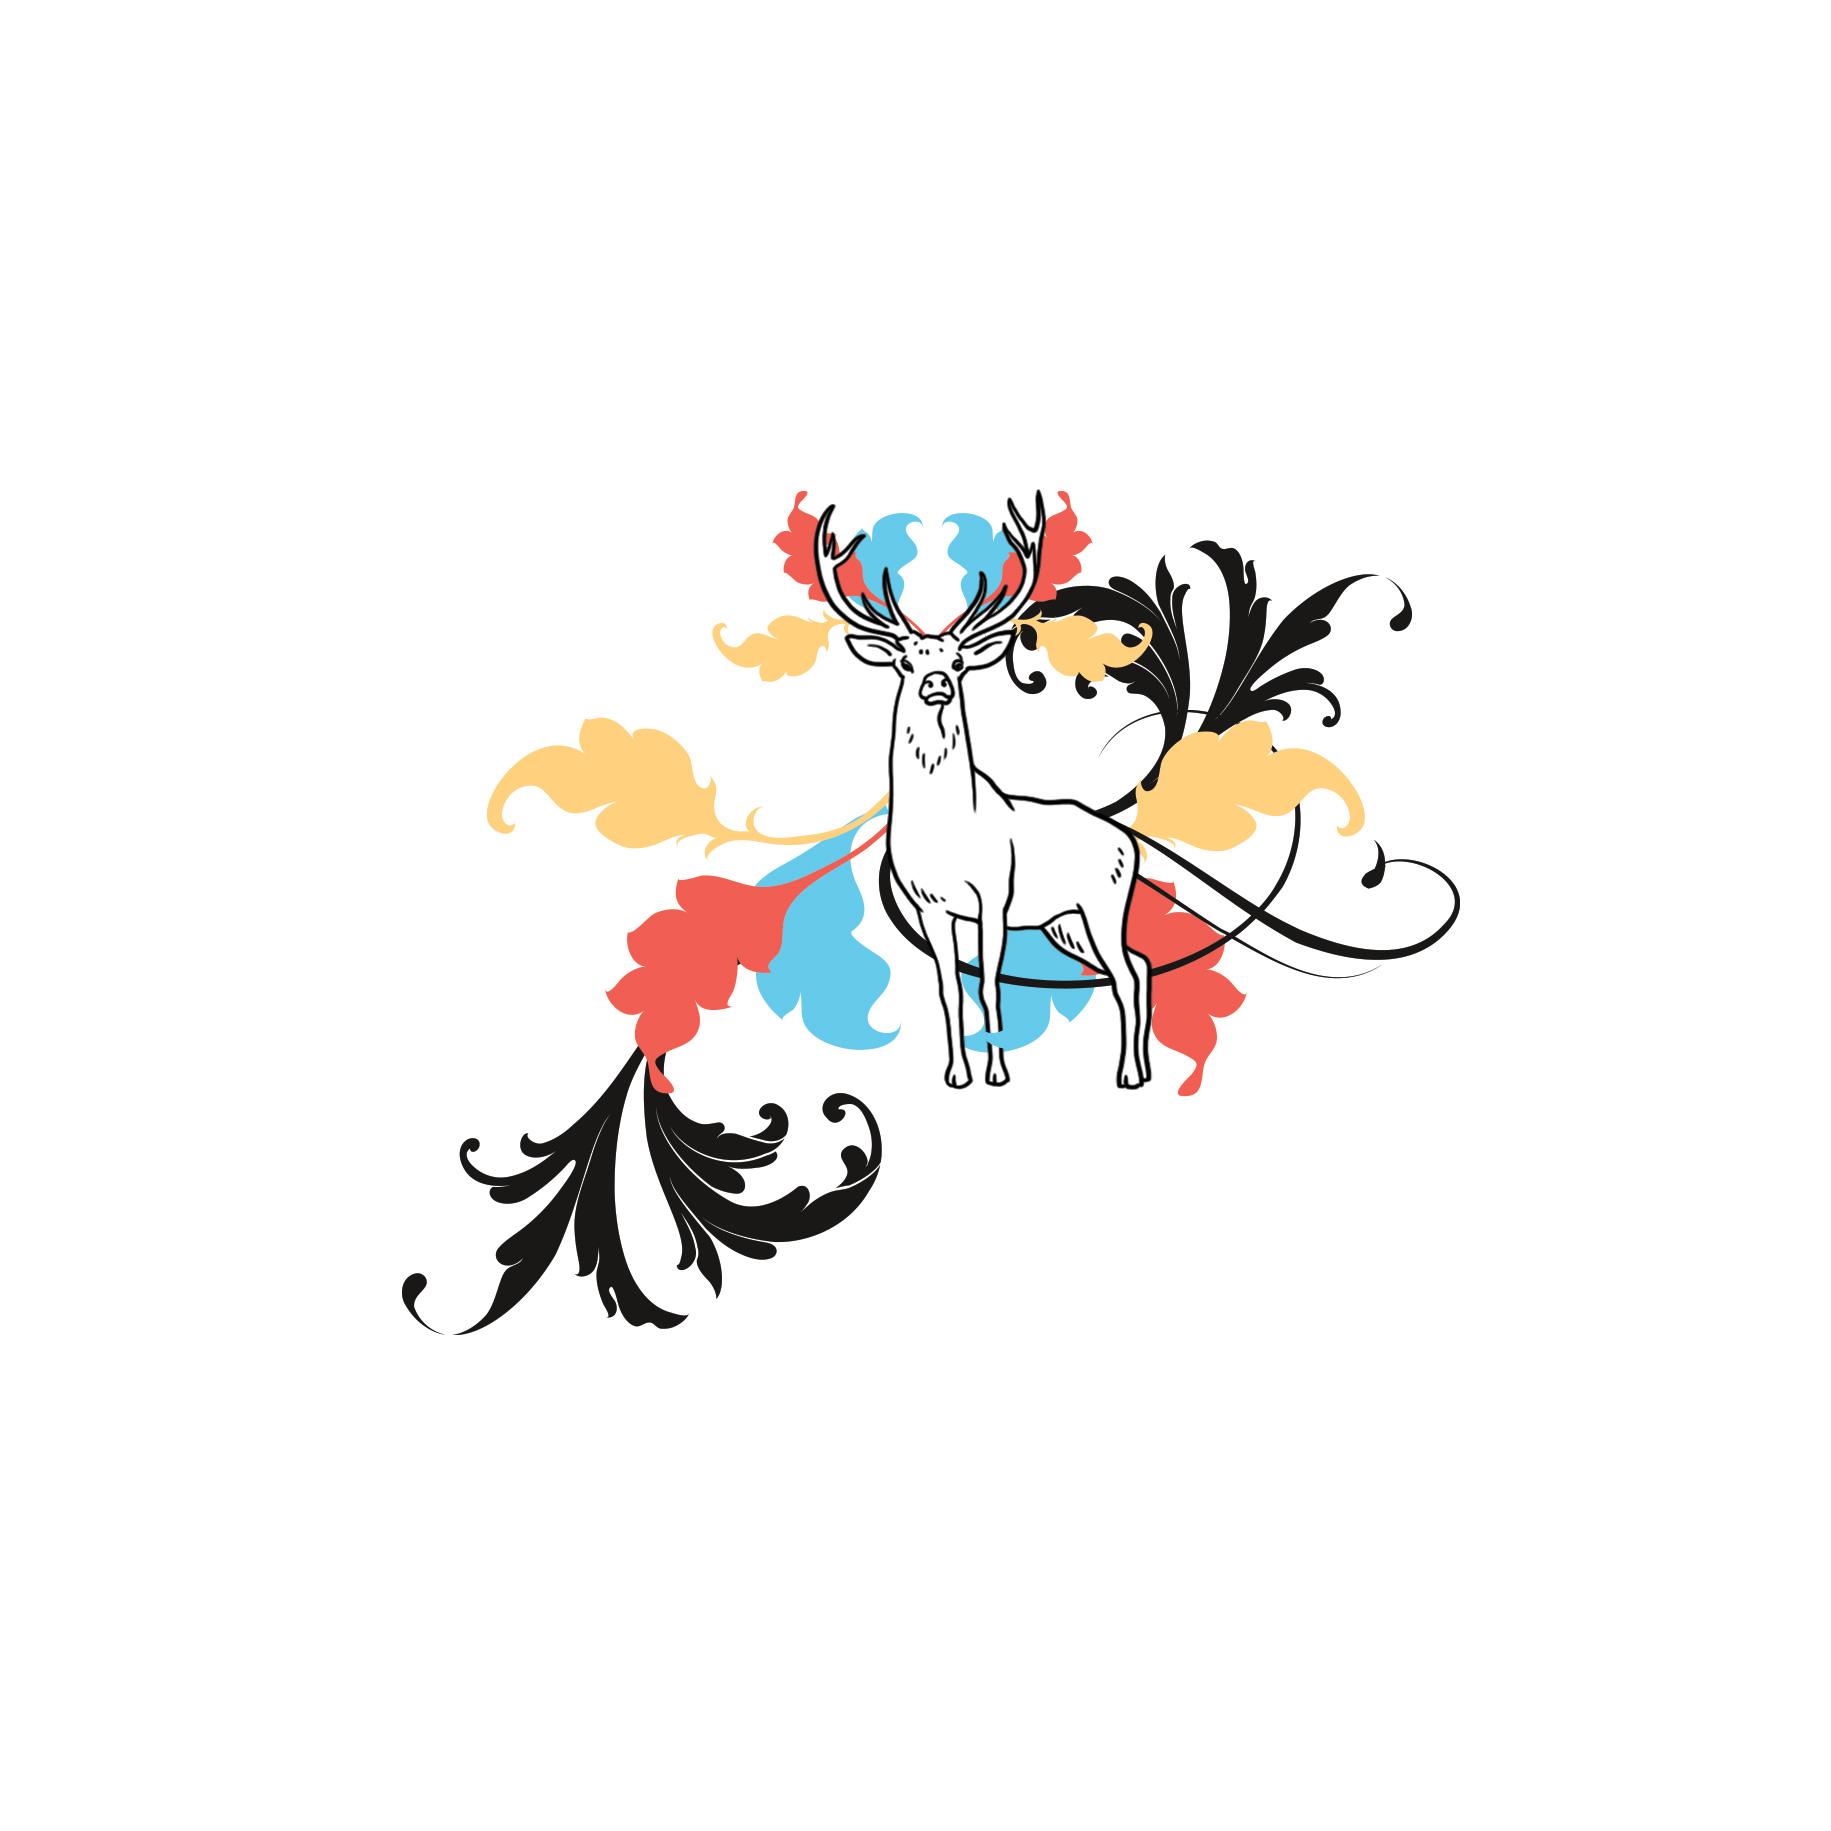 Ein Hirsch in einer eleganter und lustigen Komposition aus Feder und Kalligraphischen Schnörkel